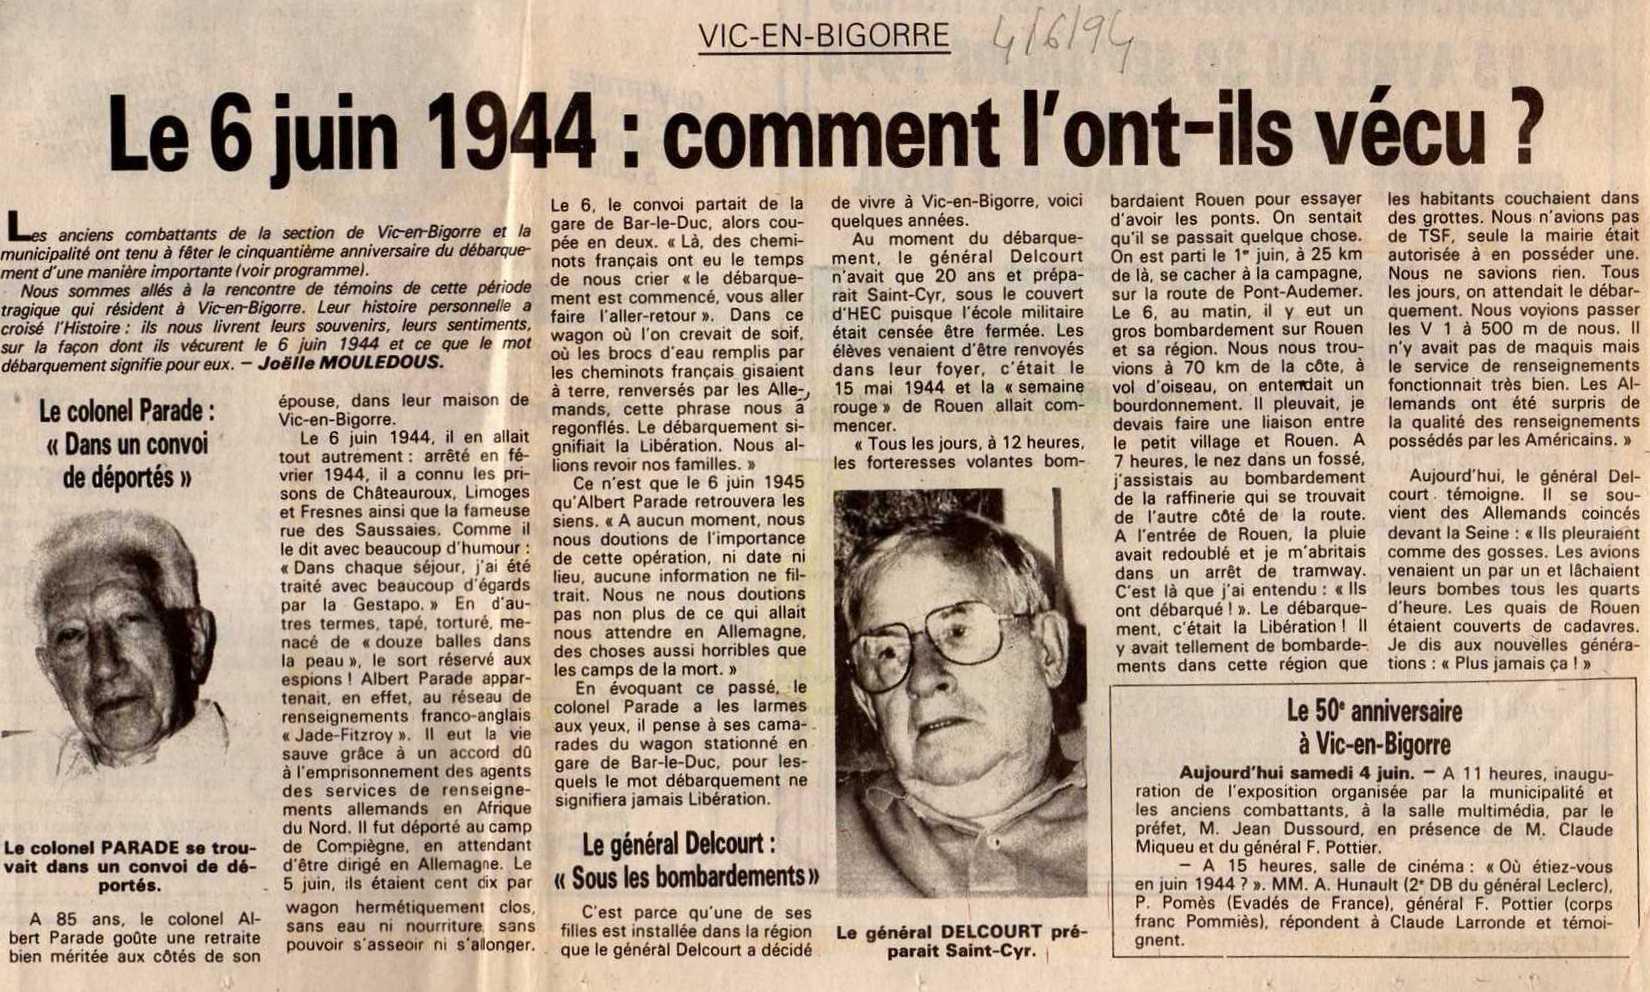 http://lepoidsdesmots.unblog.fr/files/2008/01/img077.jpg